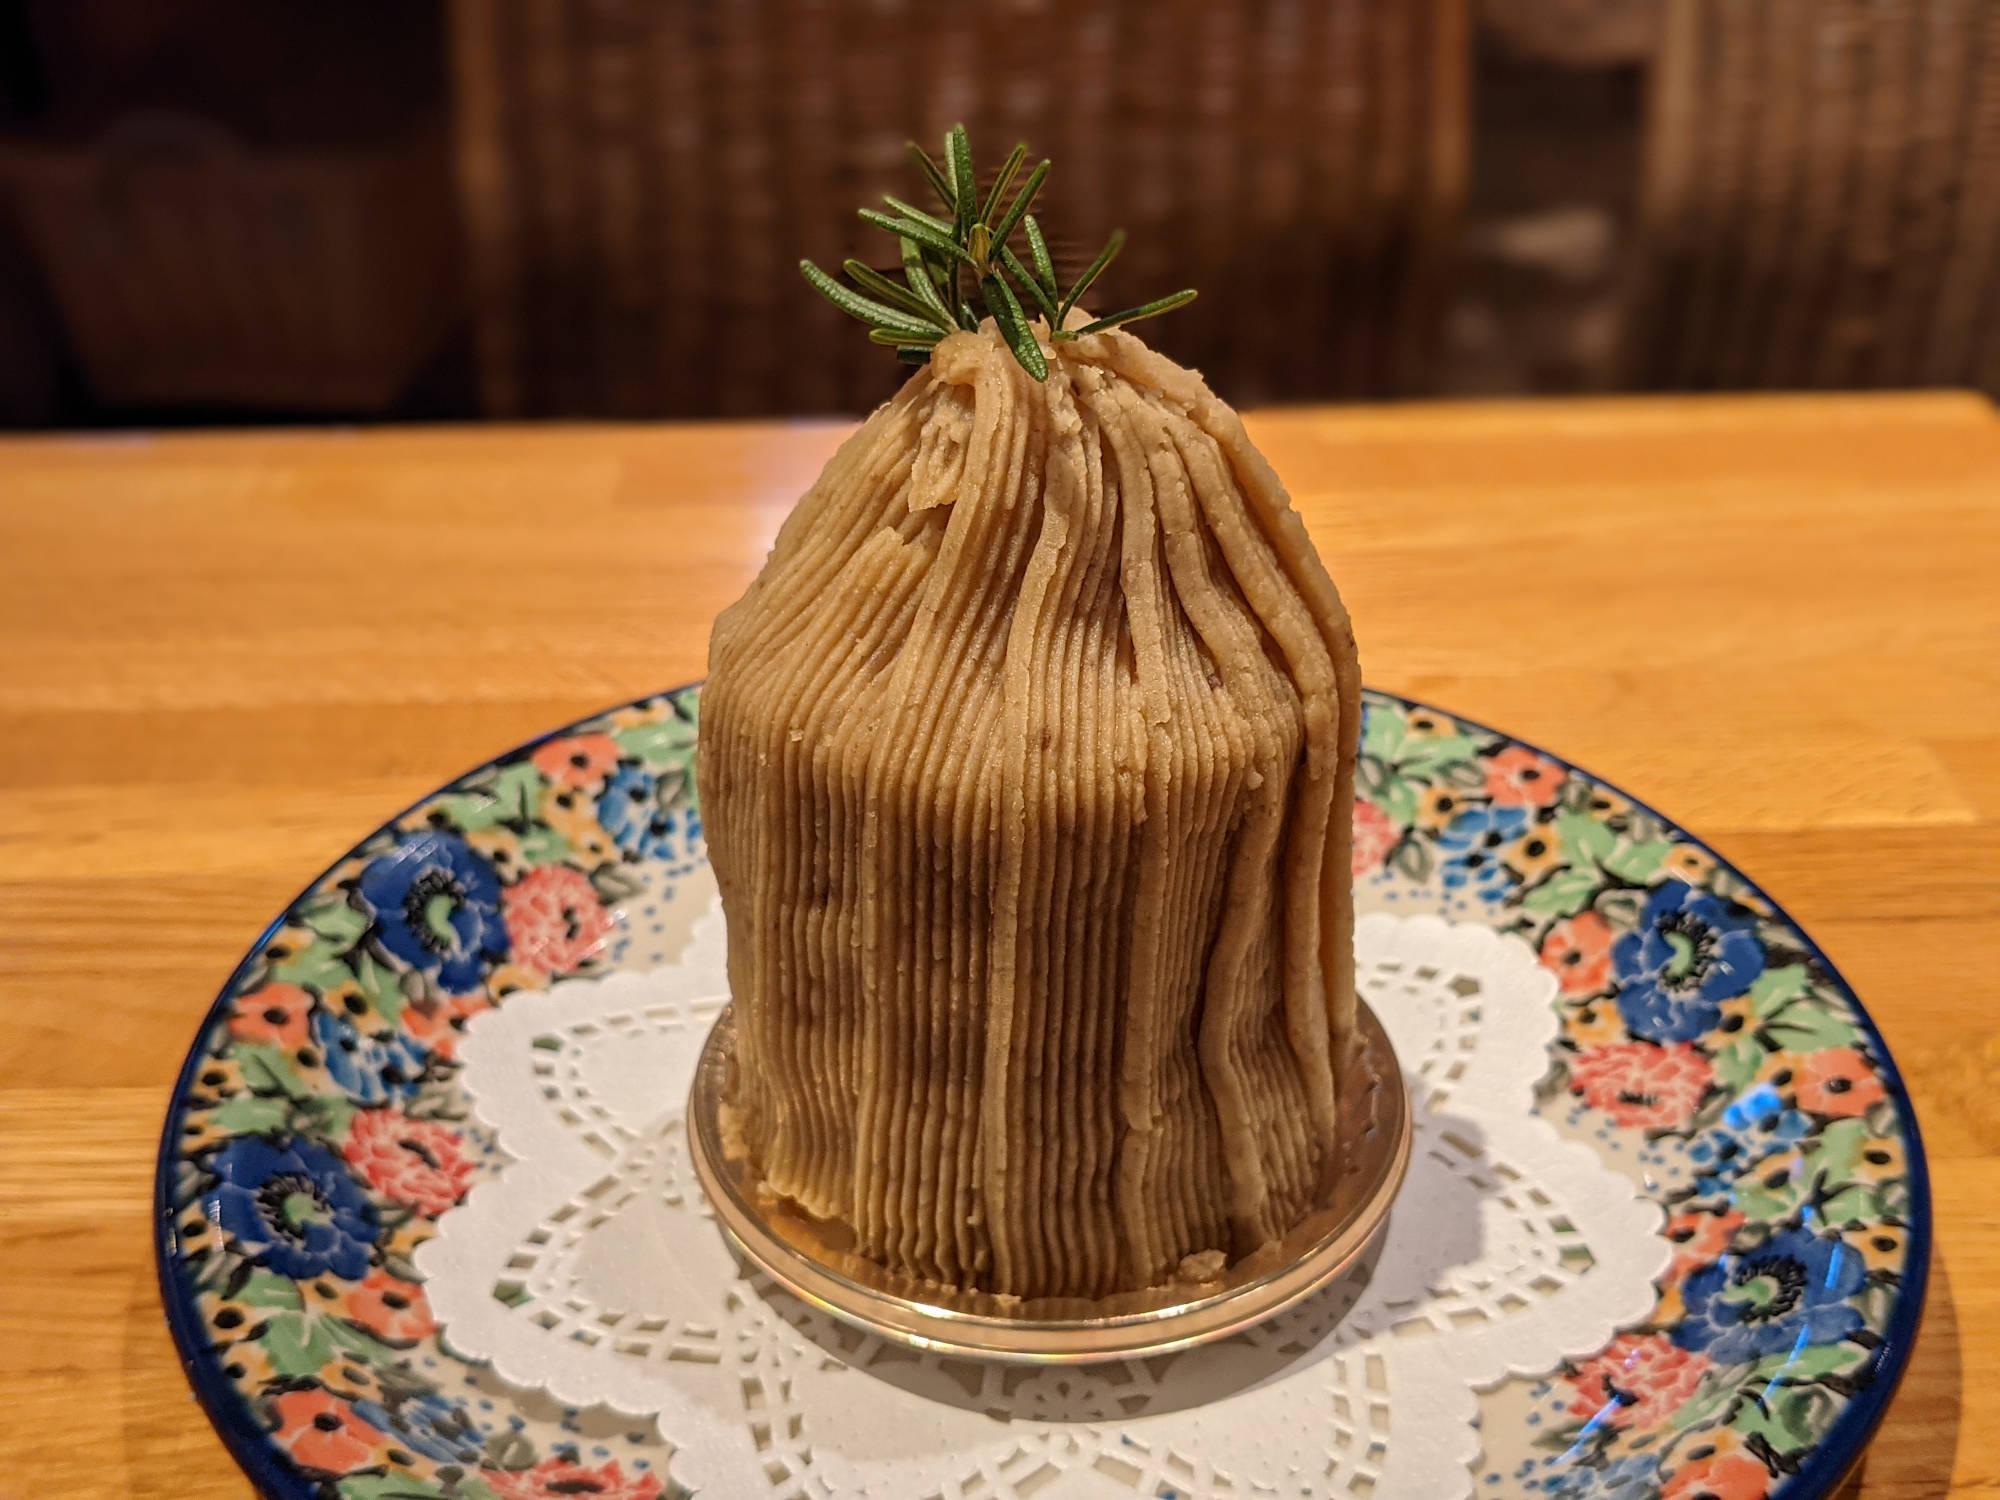 マリー様のモンブランケーキ